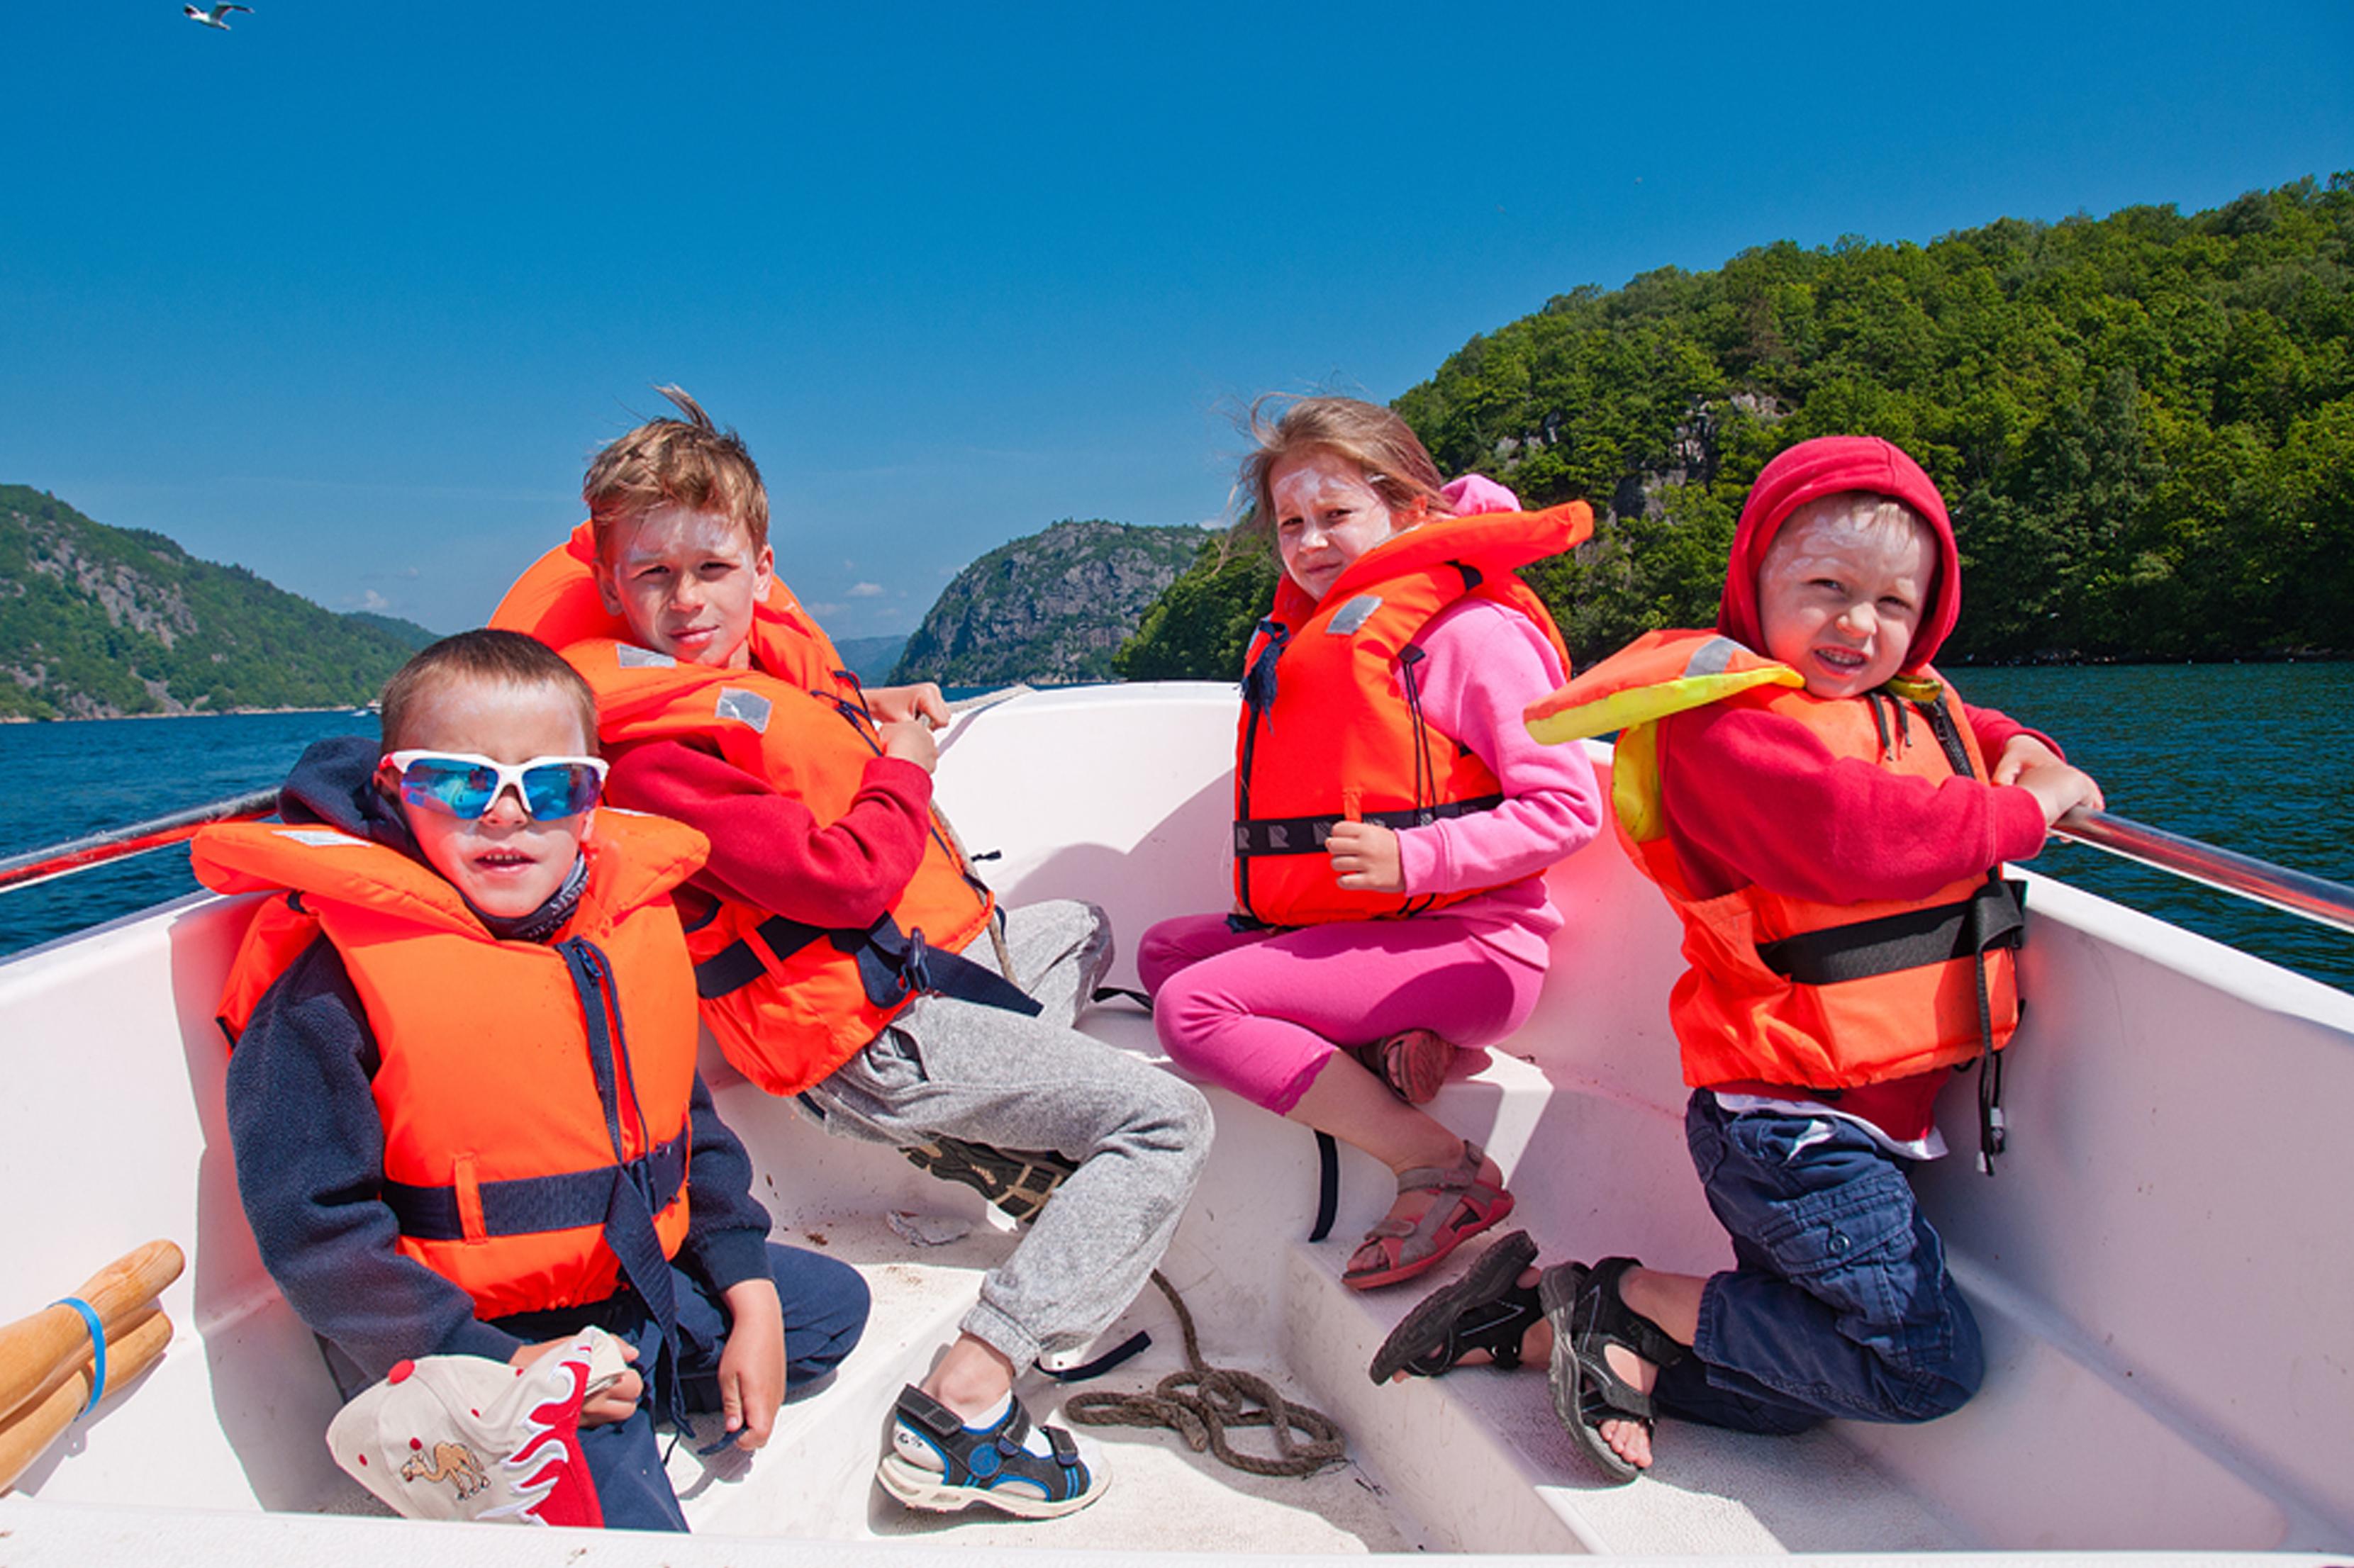 7 dicas simples que podem salvar o passeio com crianças a bordo.